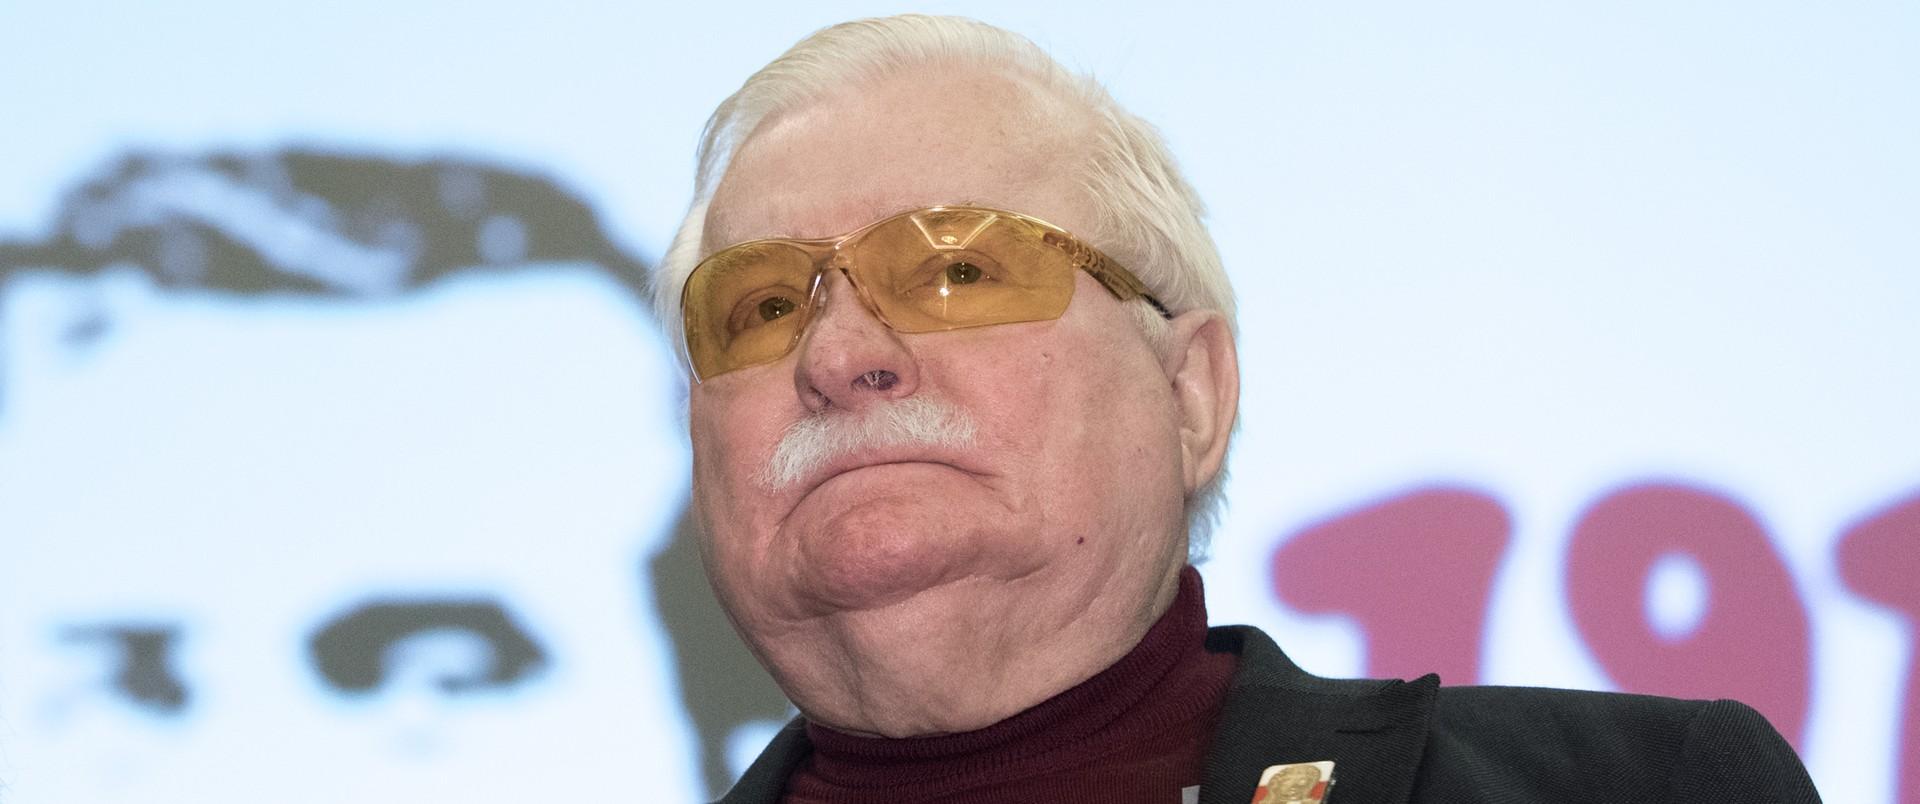 Wałęsa: w tym roku nikt nie dostanie ode mnie prezentu, bo jestem bankrutem